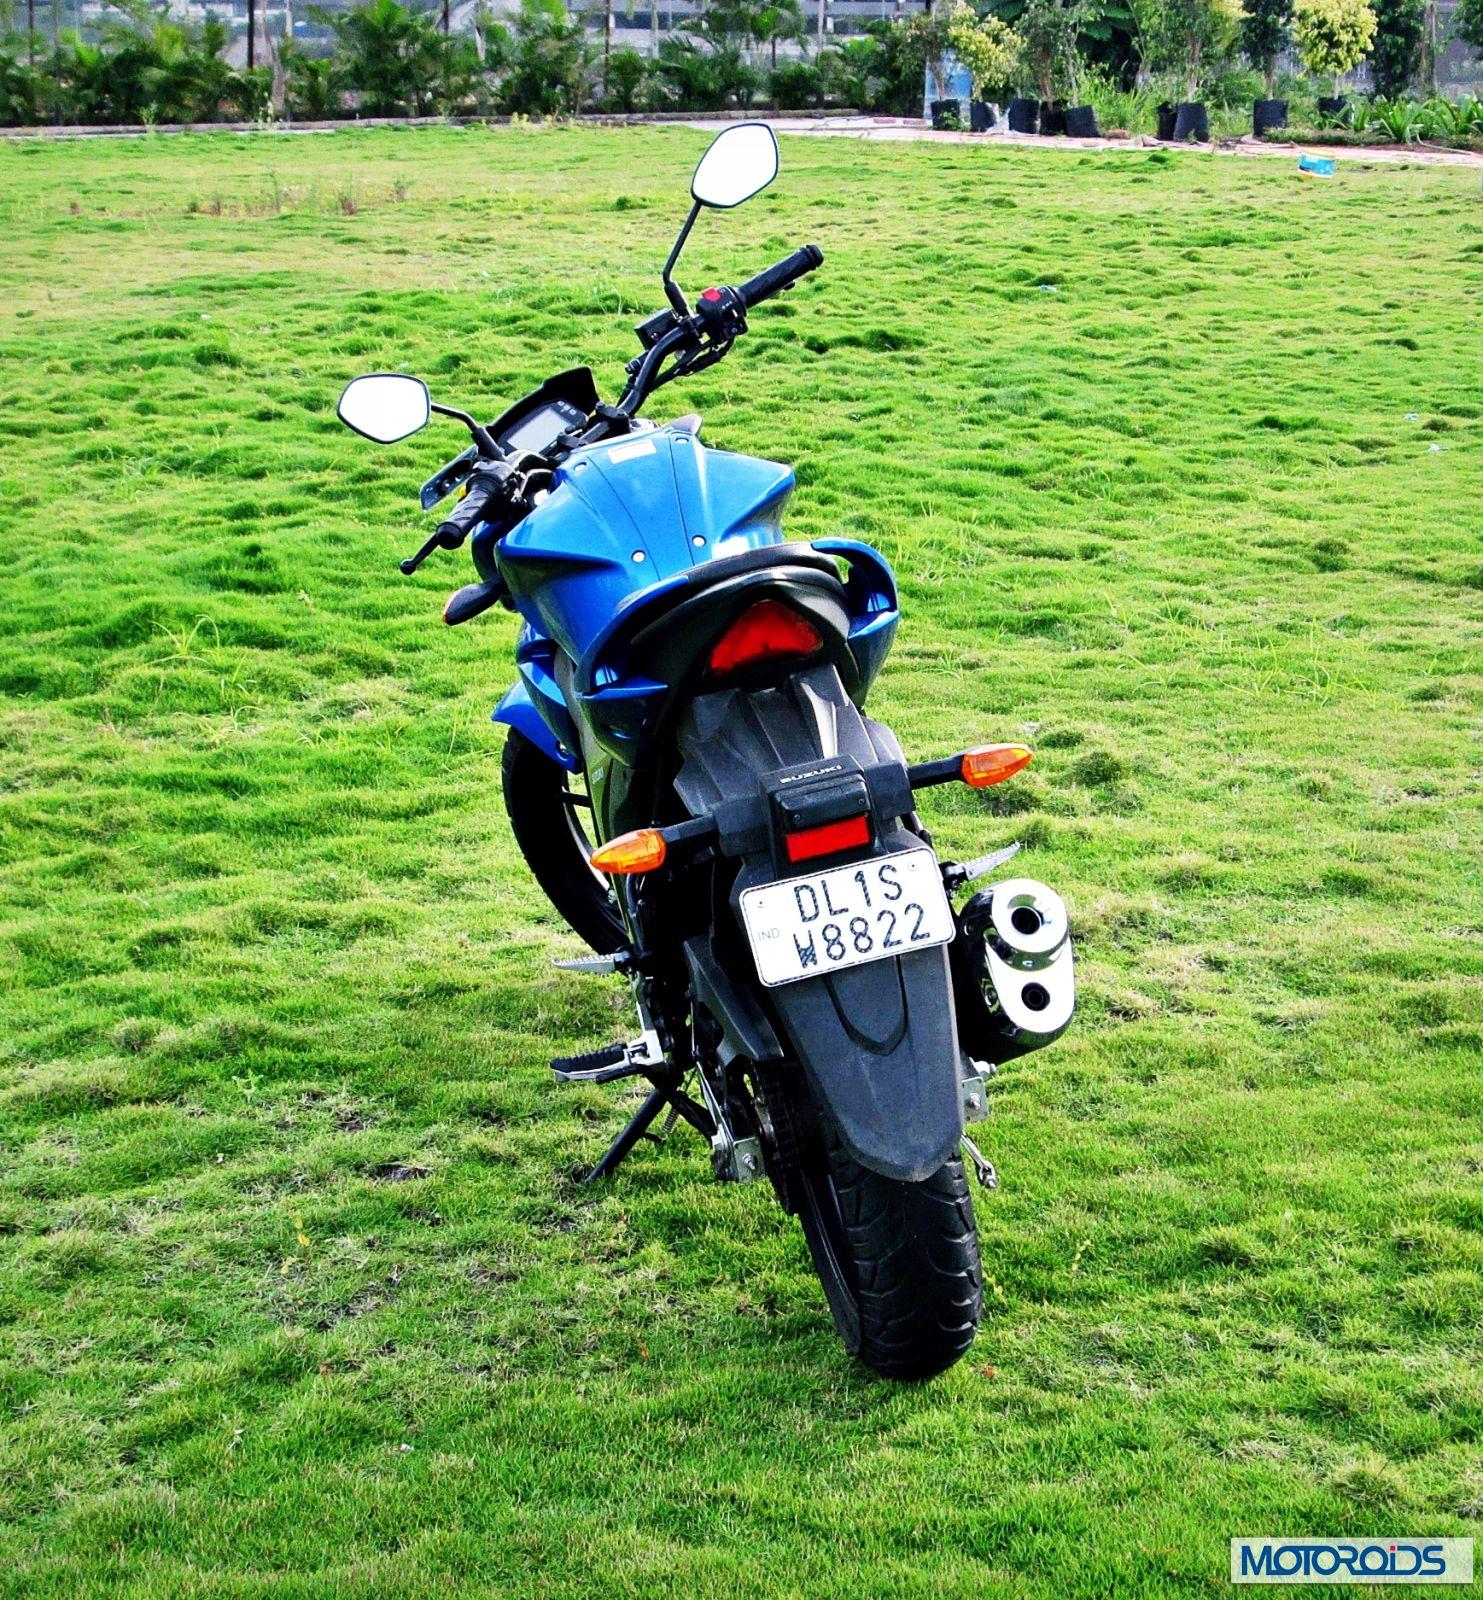 Suzuki-Gixxer-155-Review-Image (20